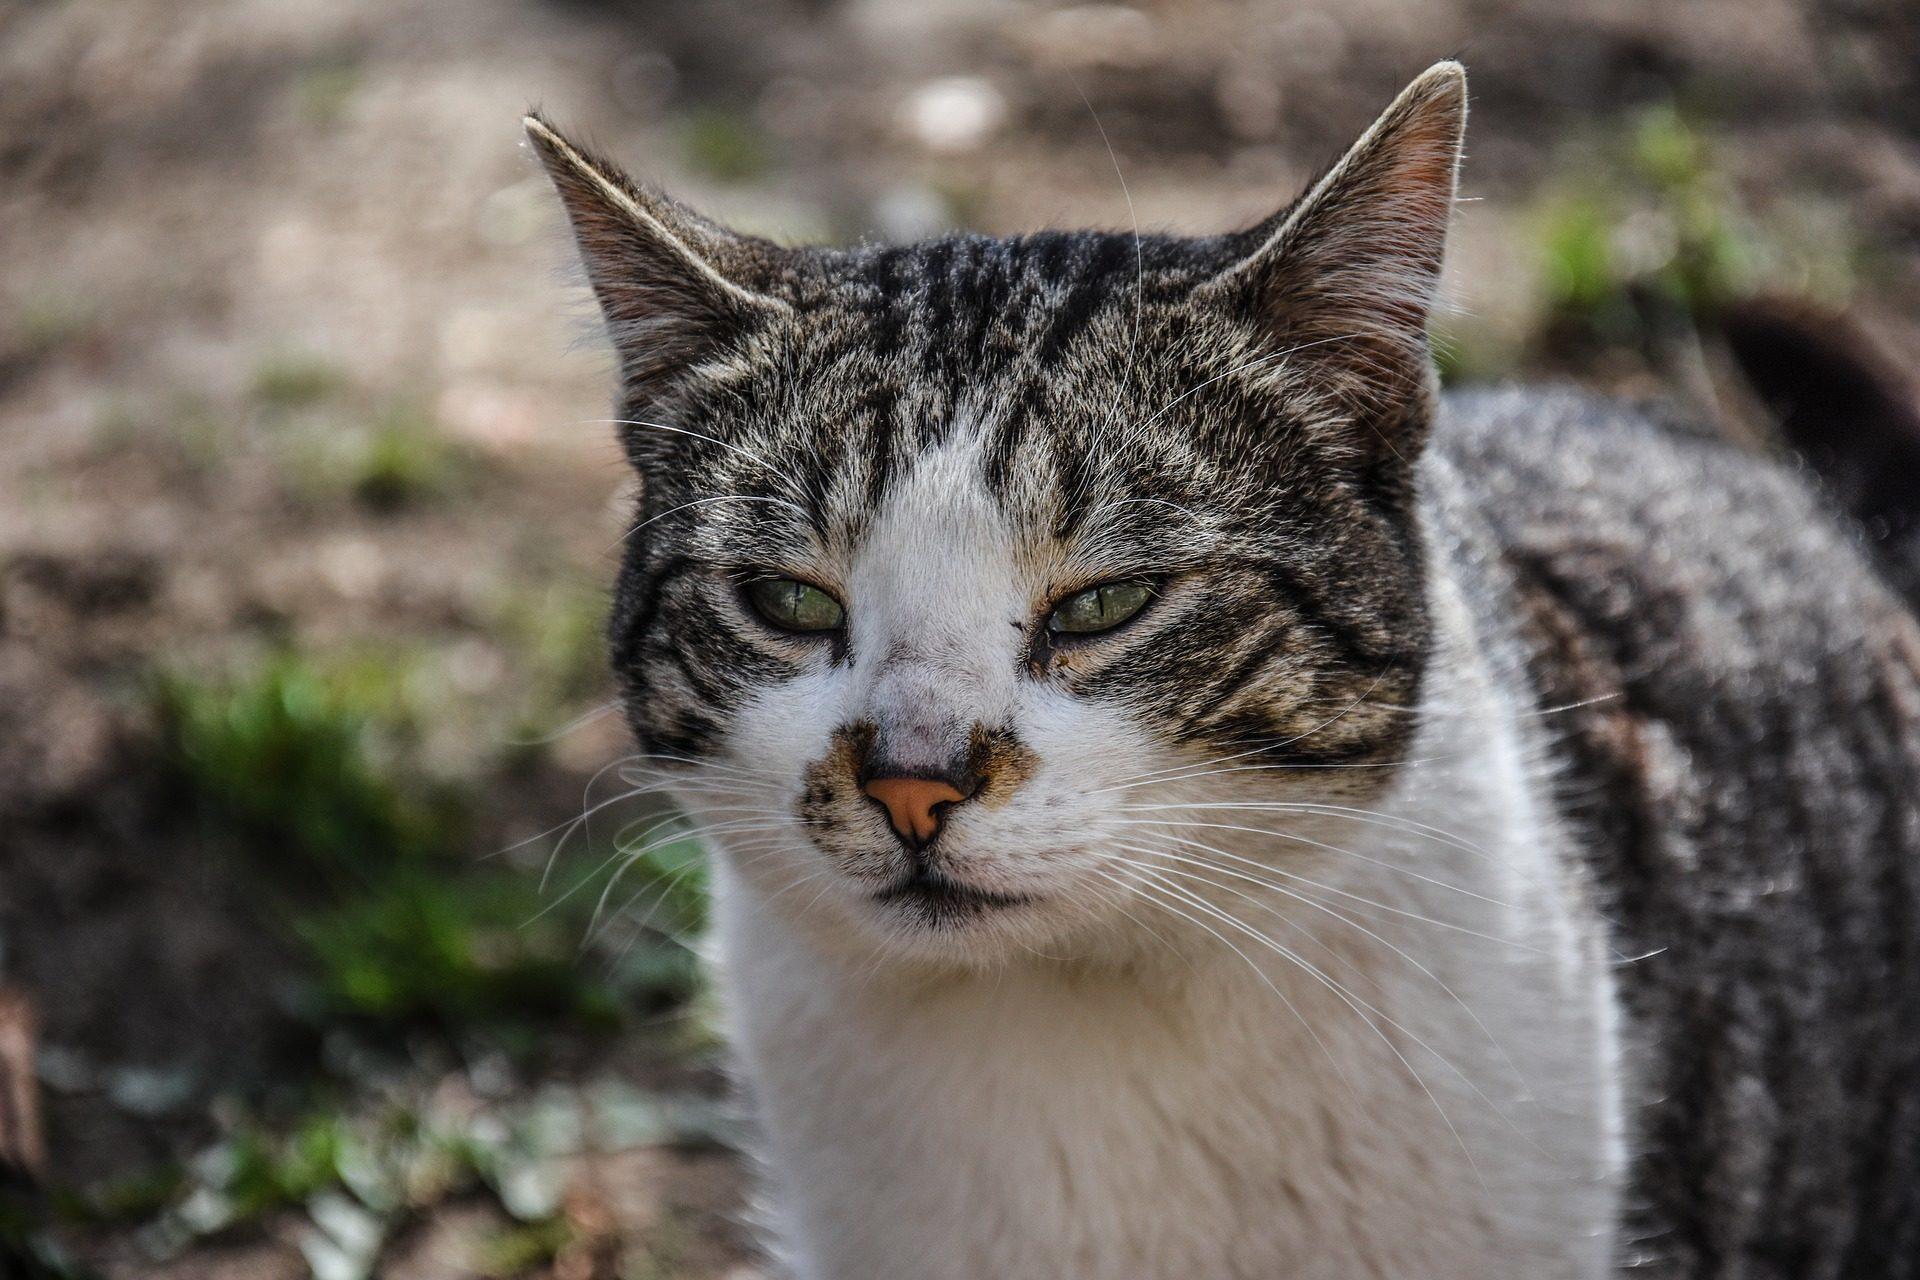 猫, 猫科动物, 看看, 毛皮, 晶须, 宠物 - 高清壁纸 - 教授-falken.com